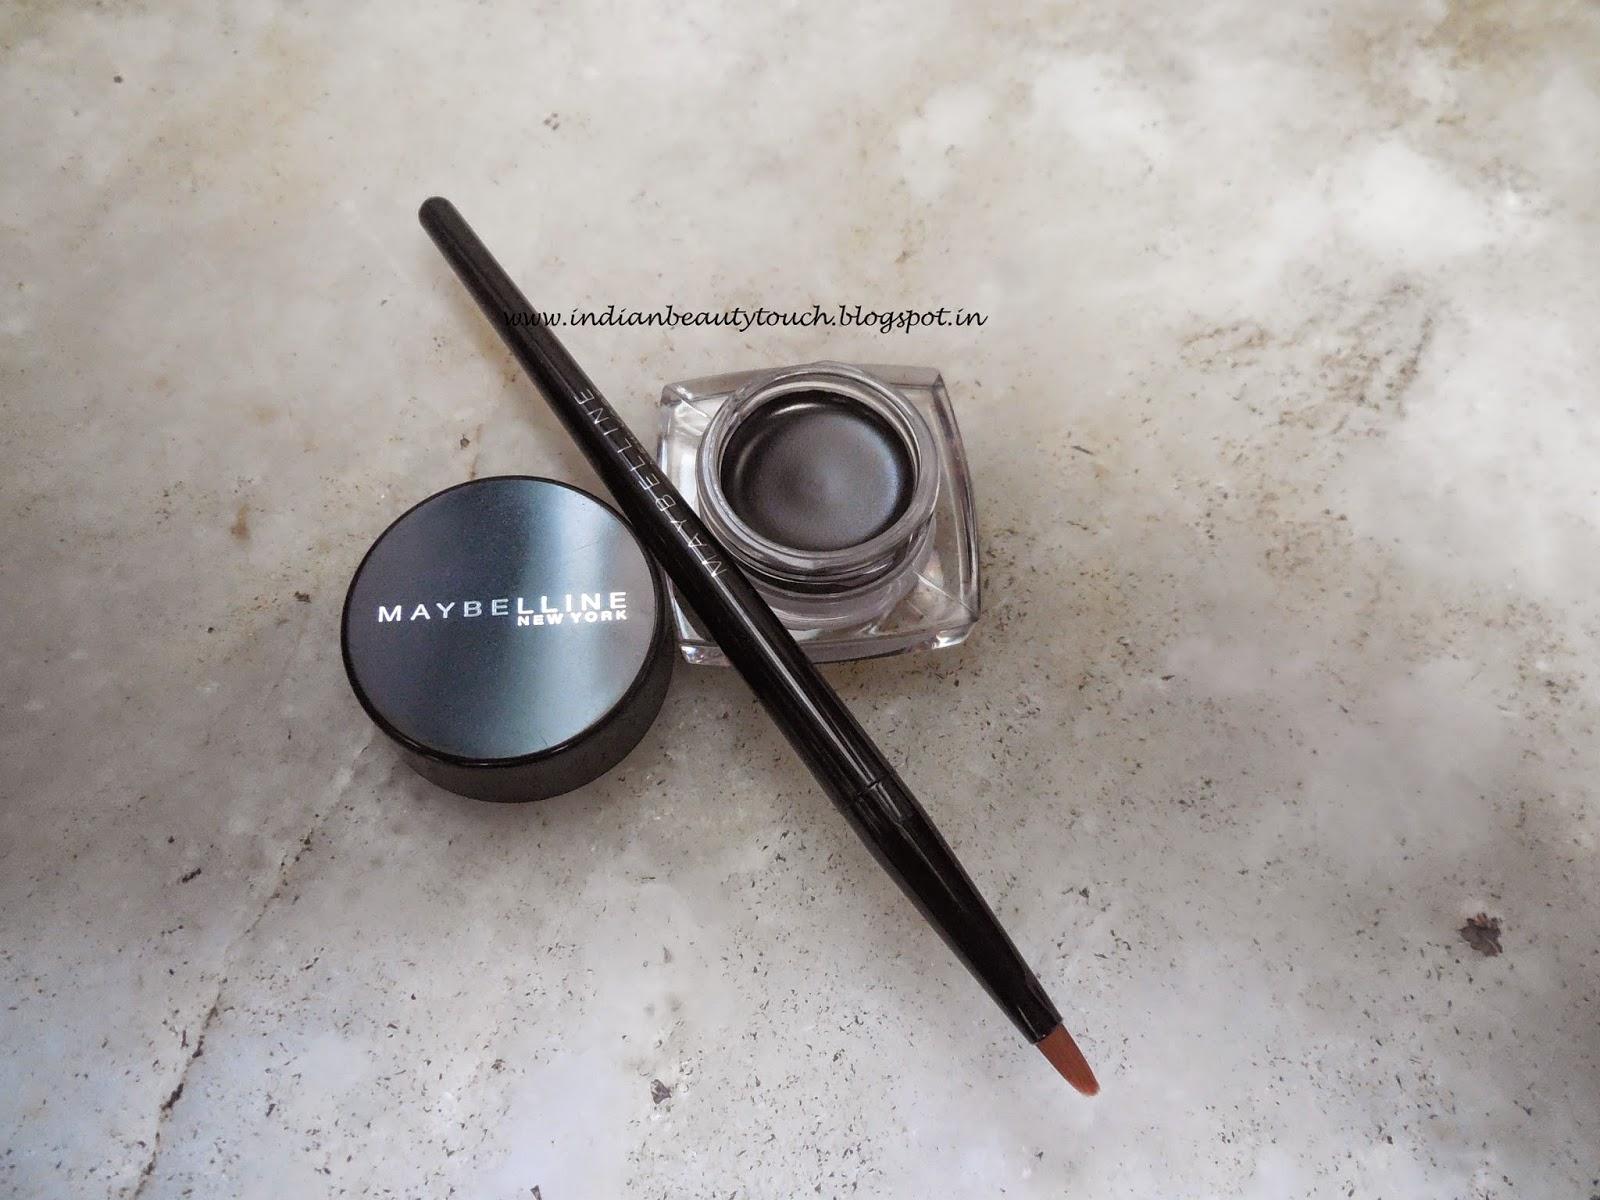 maybelline gel eyeliner review